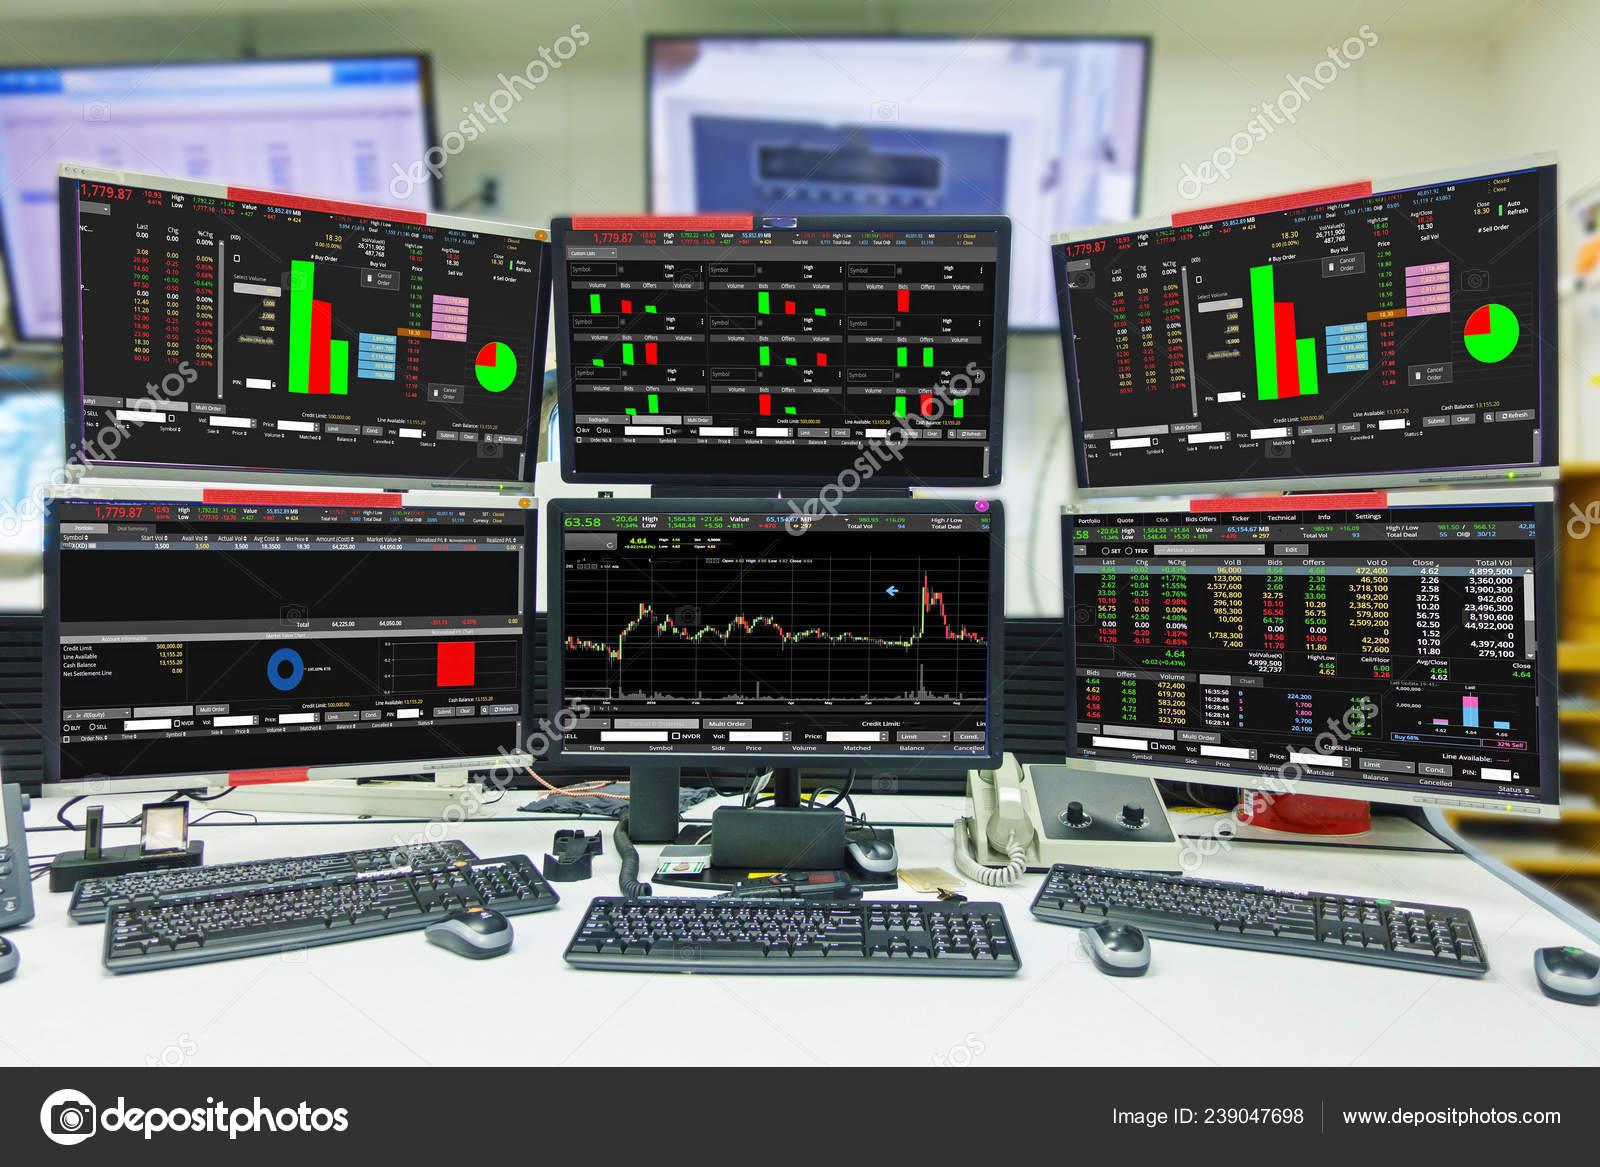 f38439127c Visualizzazione Delle Quotazioni Del Mercato Azionario Grafico Sala  Computer Monitor — Foto Stock